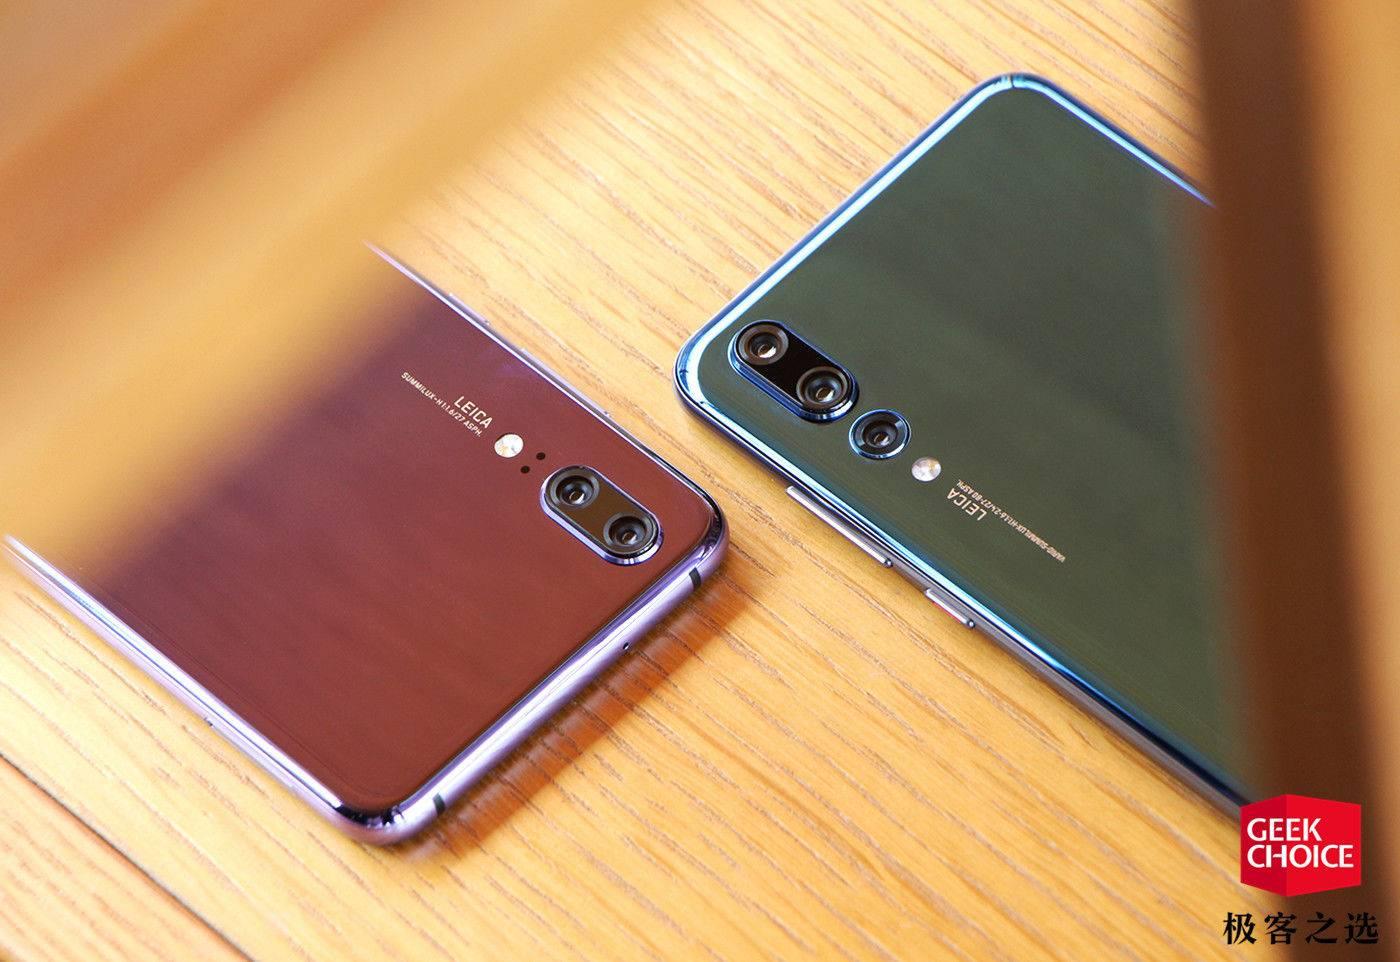 國產手機的里程碑,華為 p20/p20 pro 上手評測